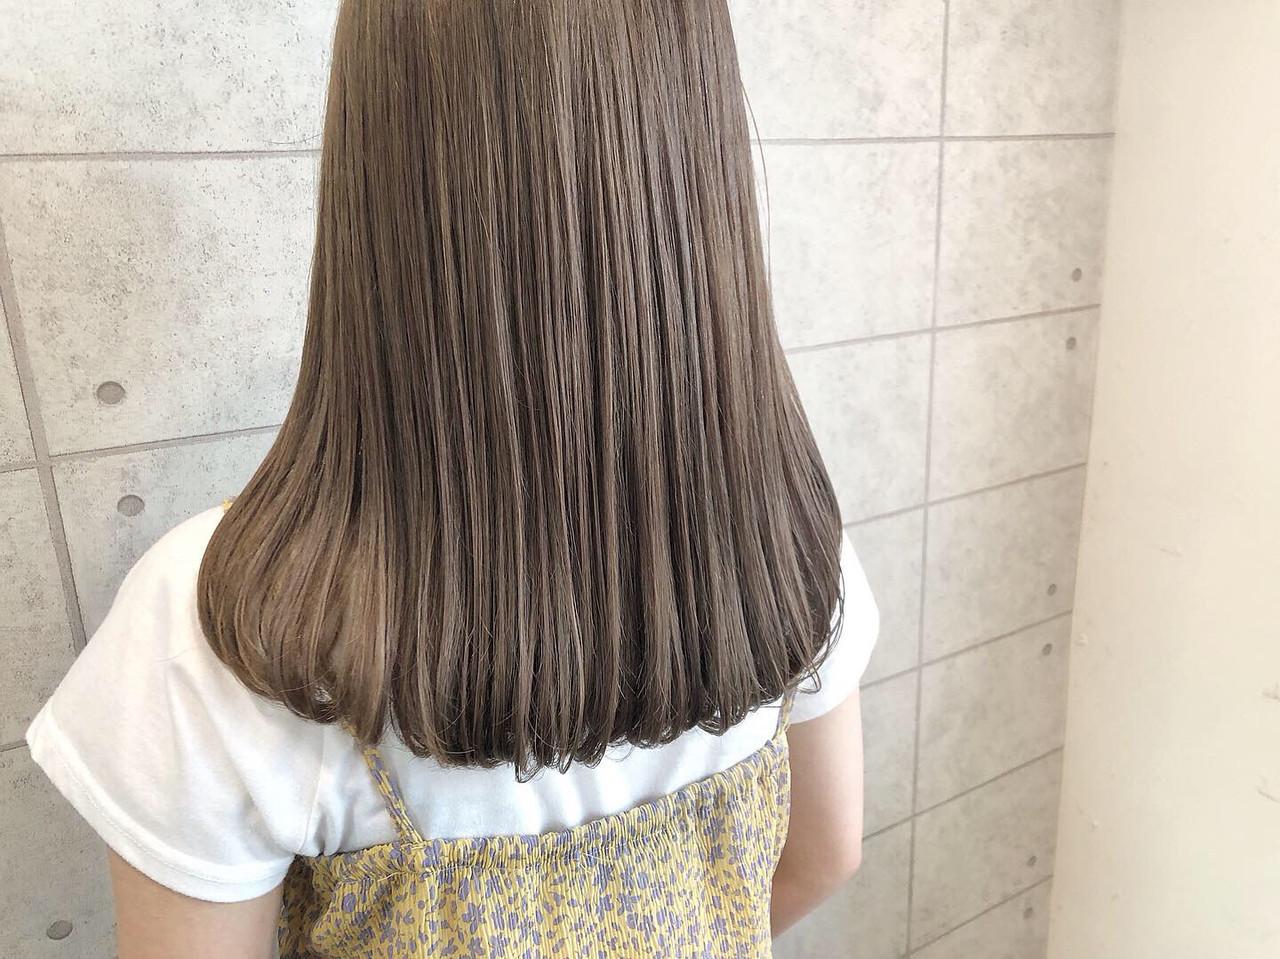 セミロング イルミナカラー 透明感カラー ミルクティーグレージュ ヘアスタイルや髪型の写真・画像